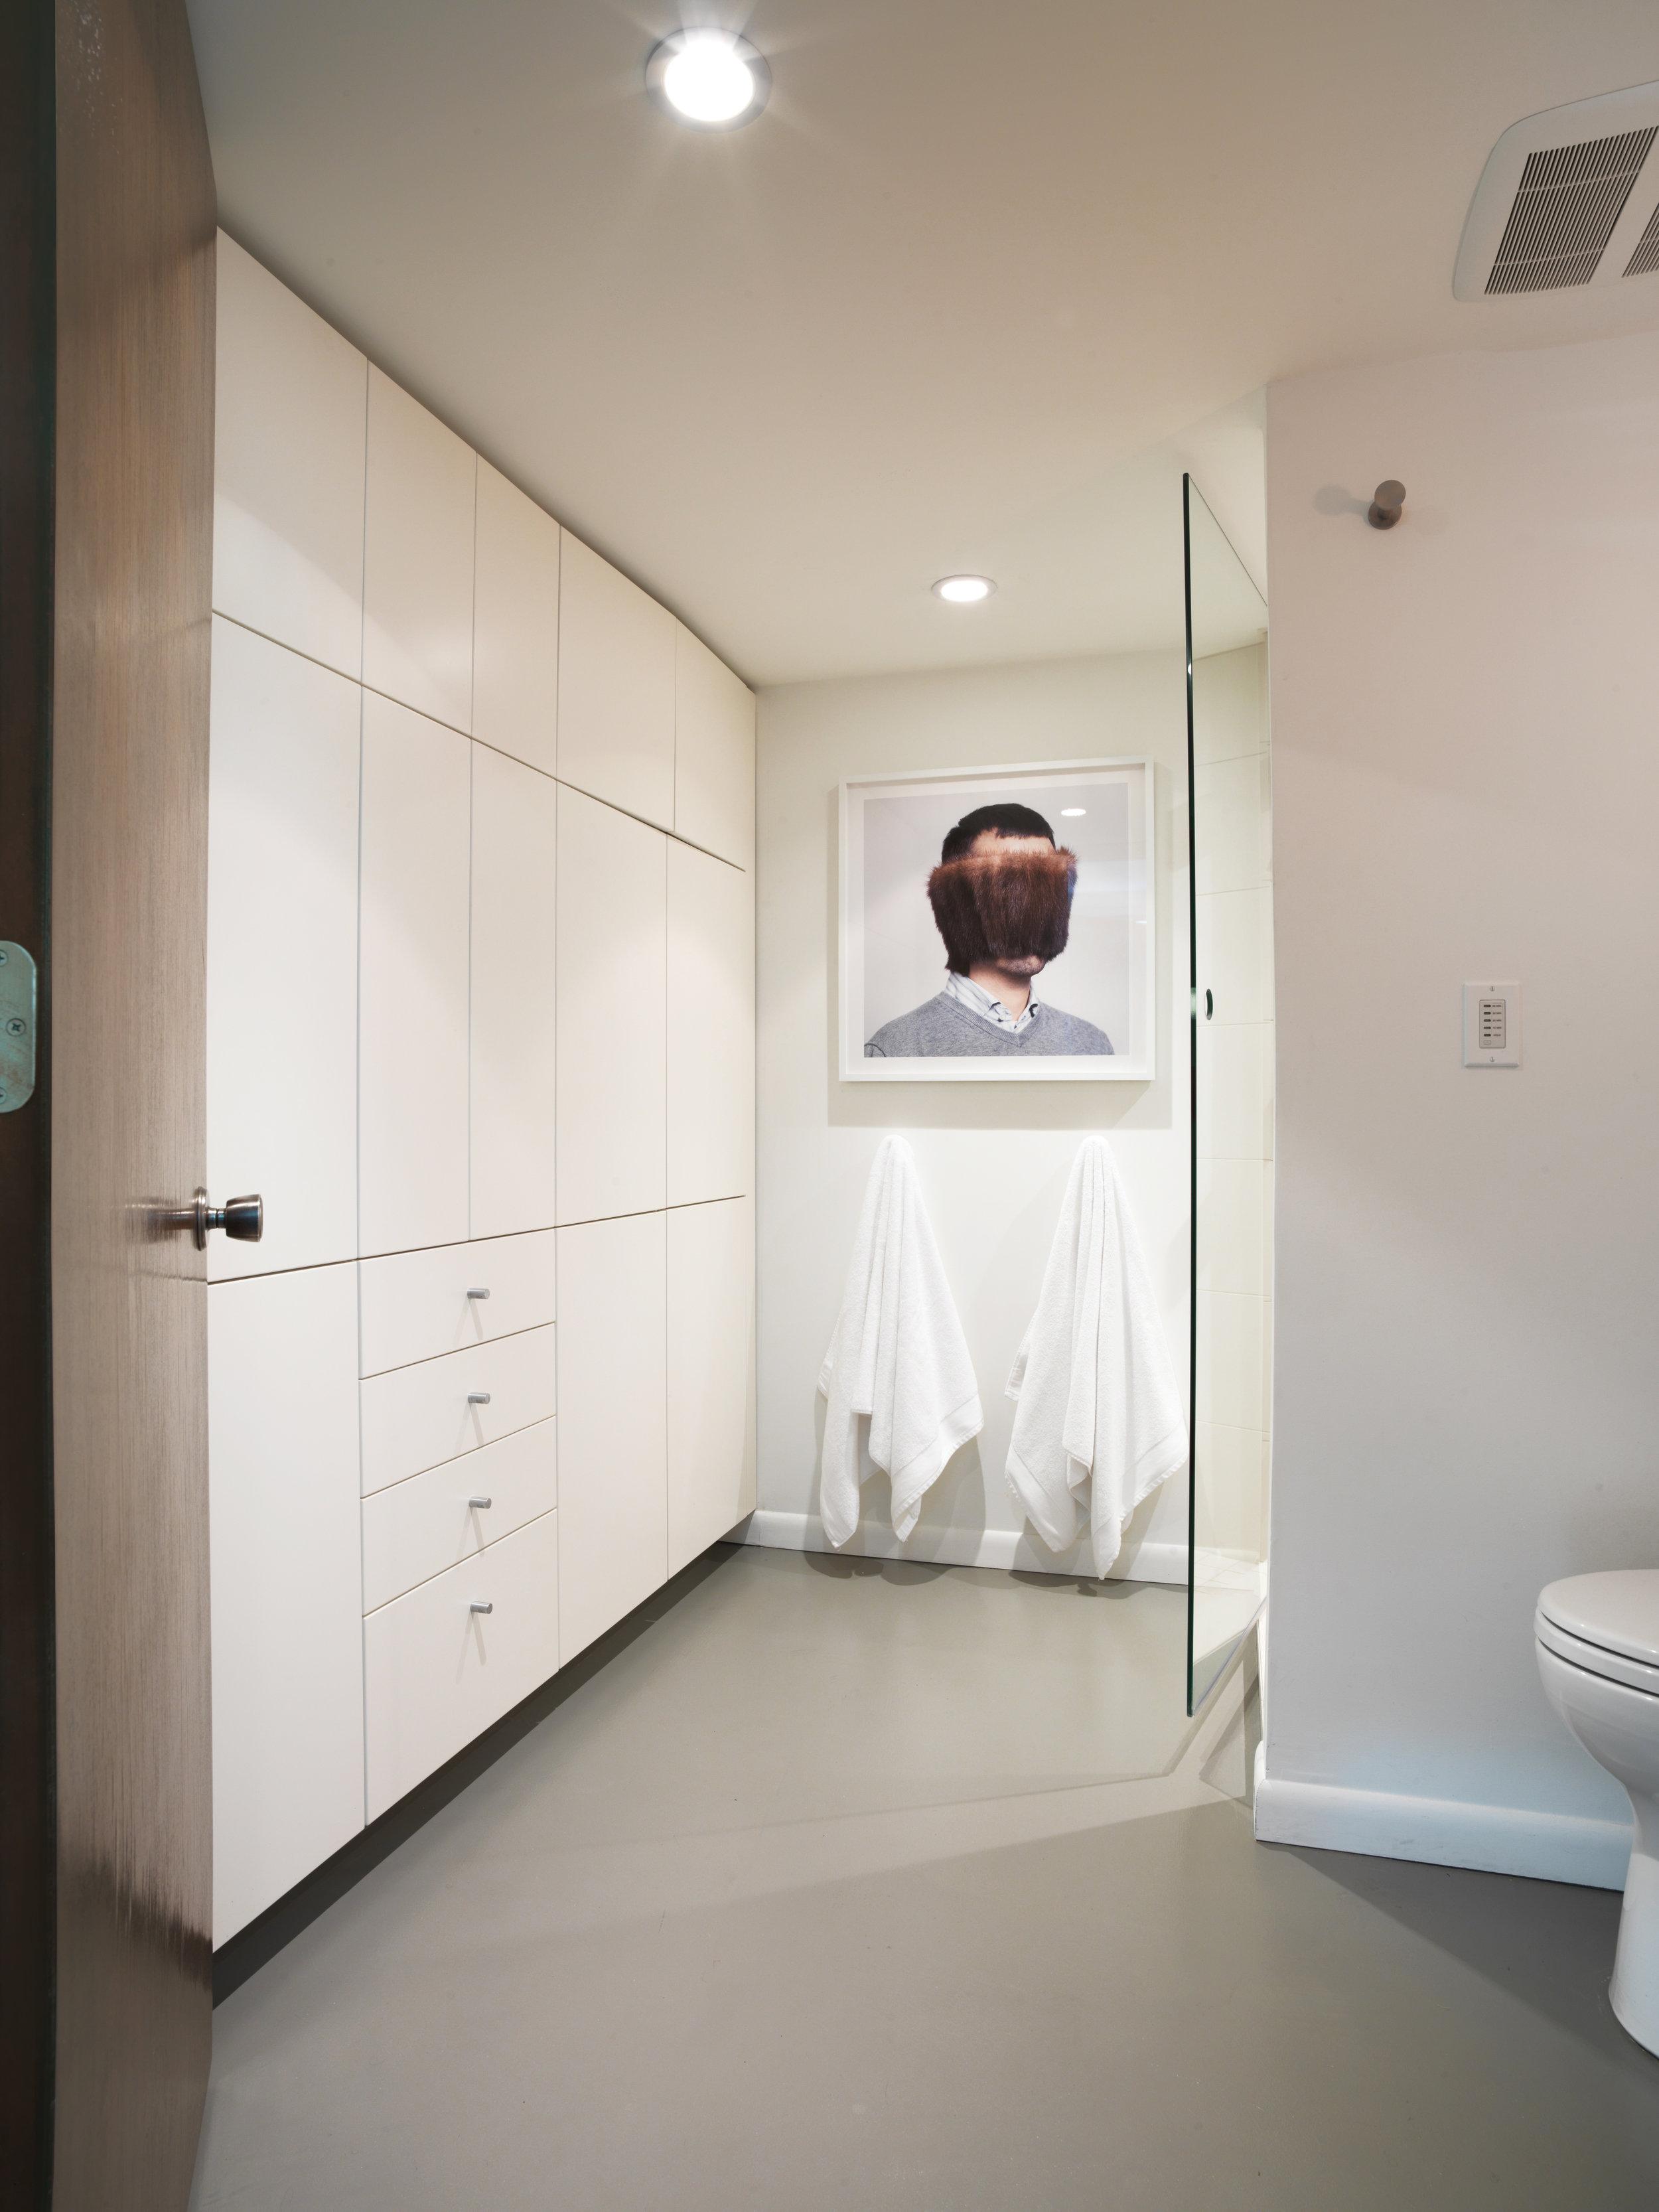 Robert_bathroom_remodel_9569.jpg